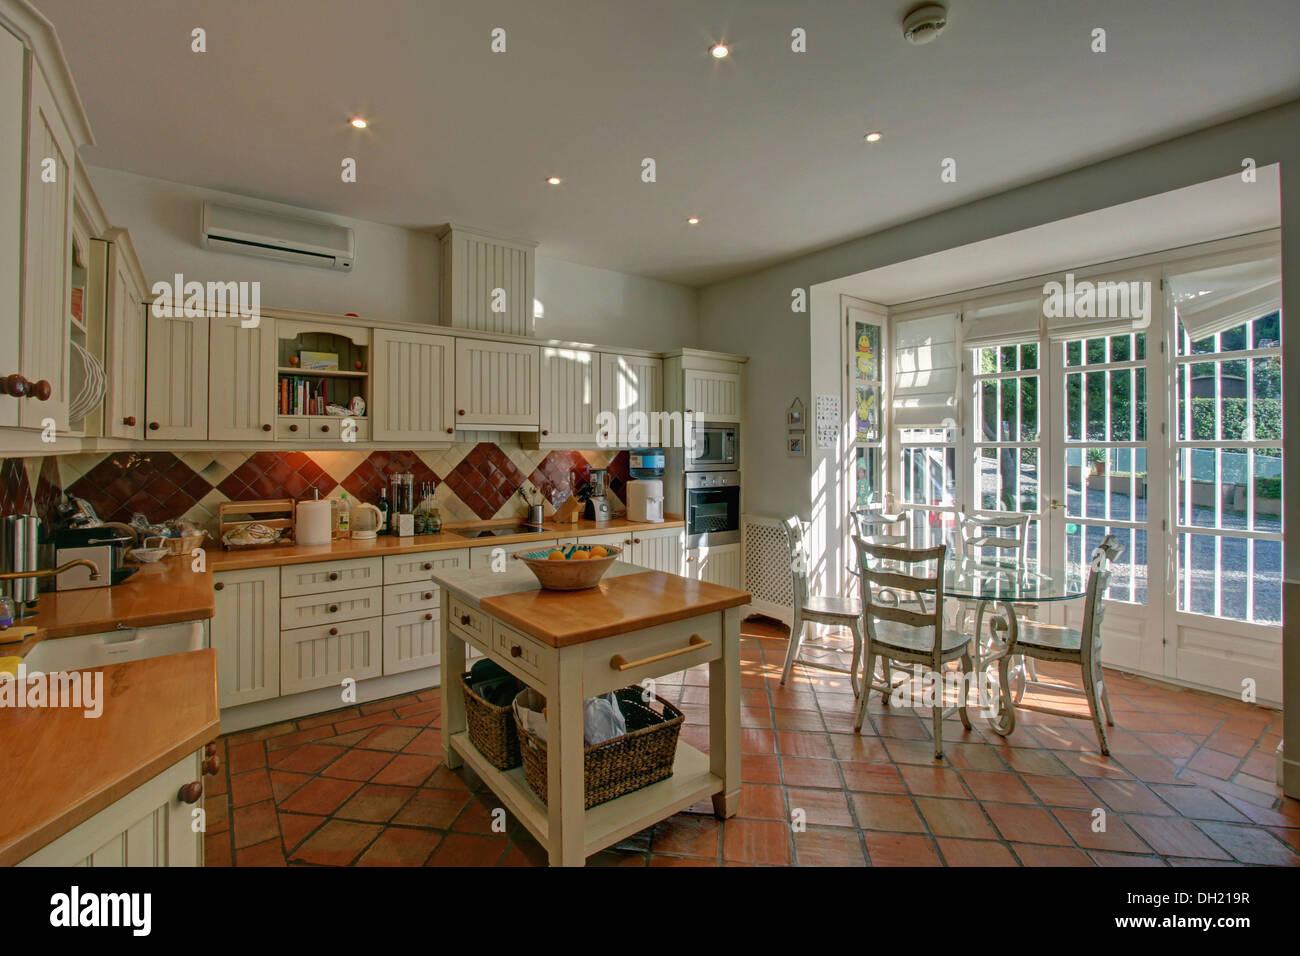 Fußboden Küche Landhausstil ~ Metzgerei block im landhausstil spanische küche mit terrakotta